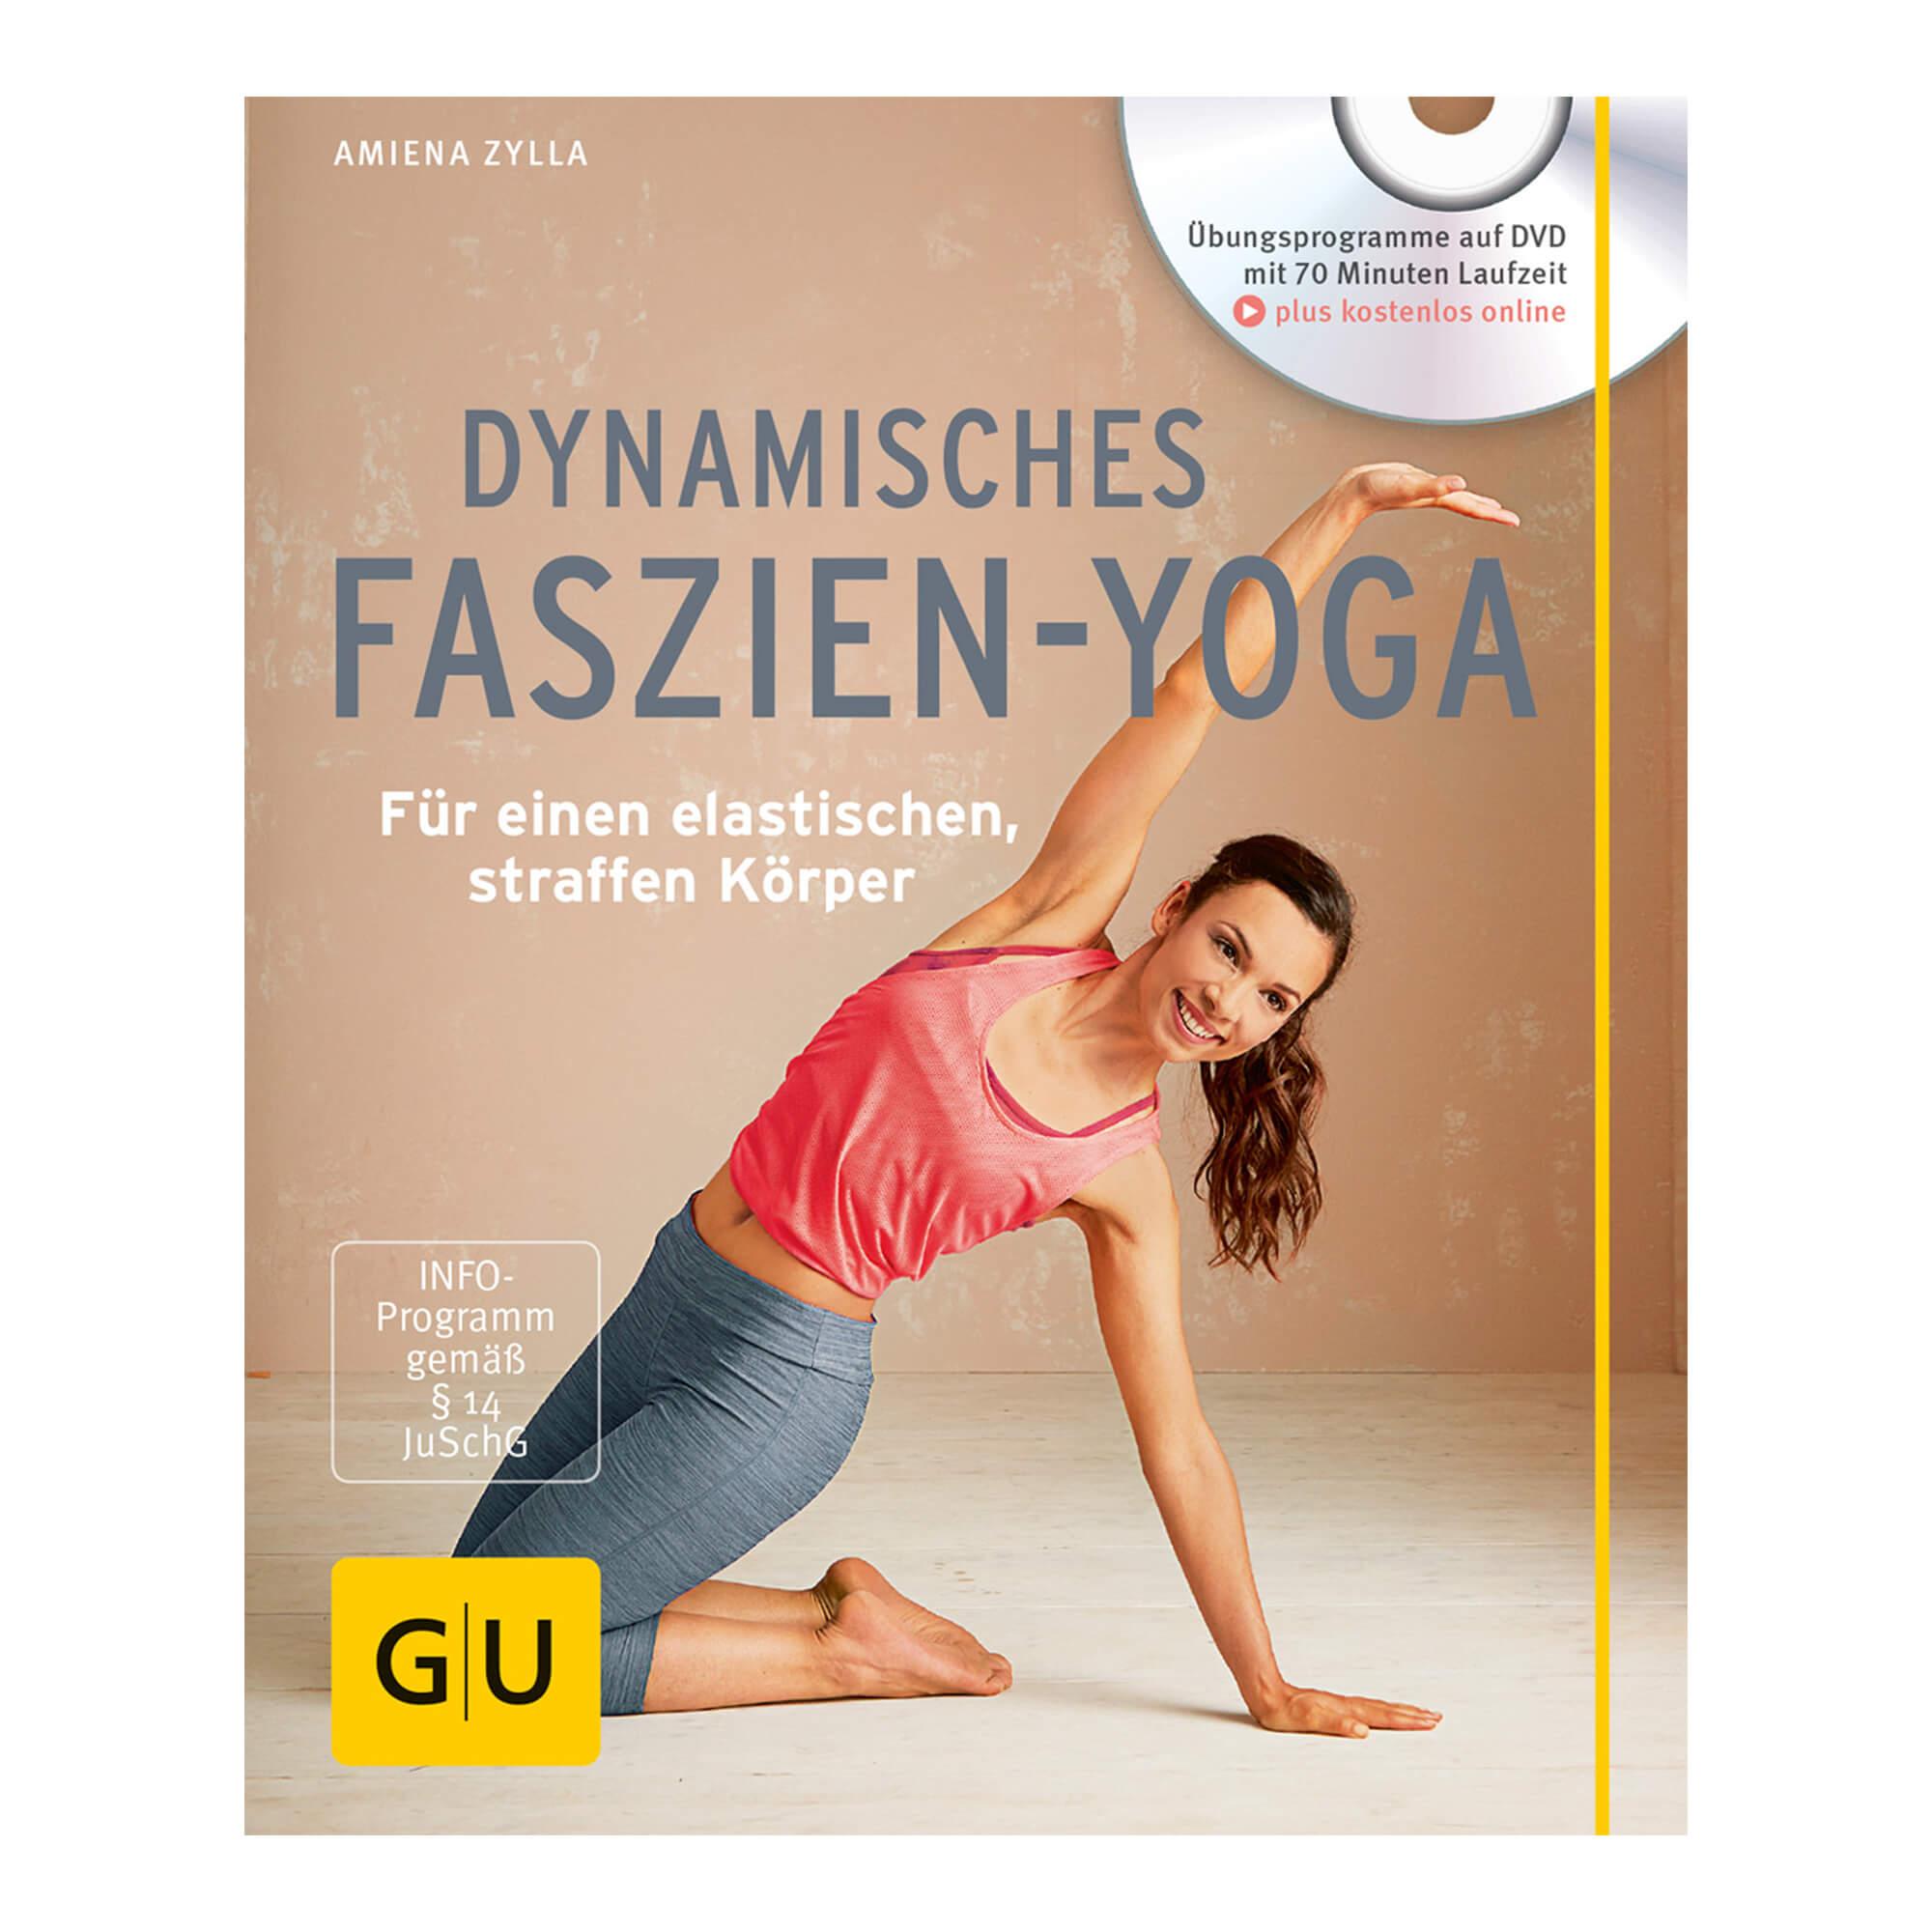 GU Dynamisches Faszien-Yoga mit DVD